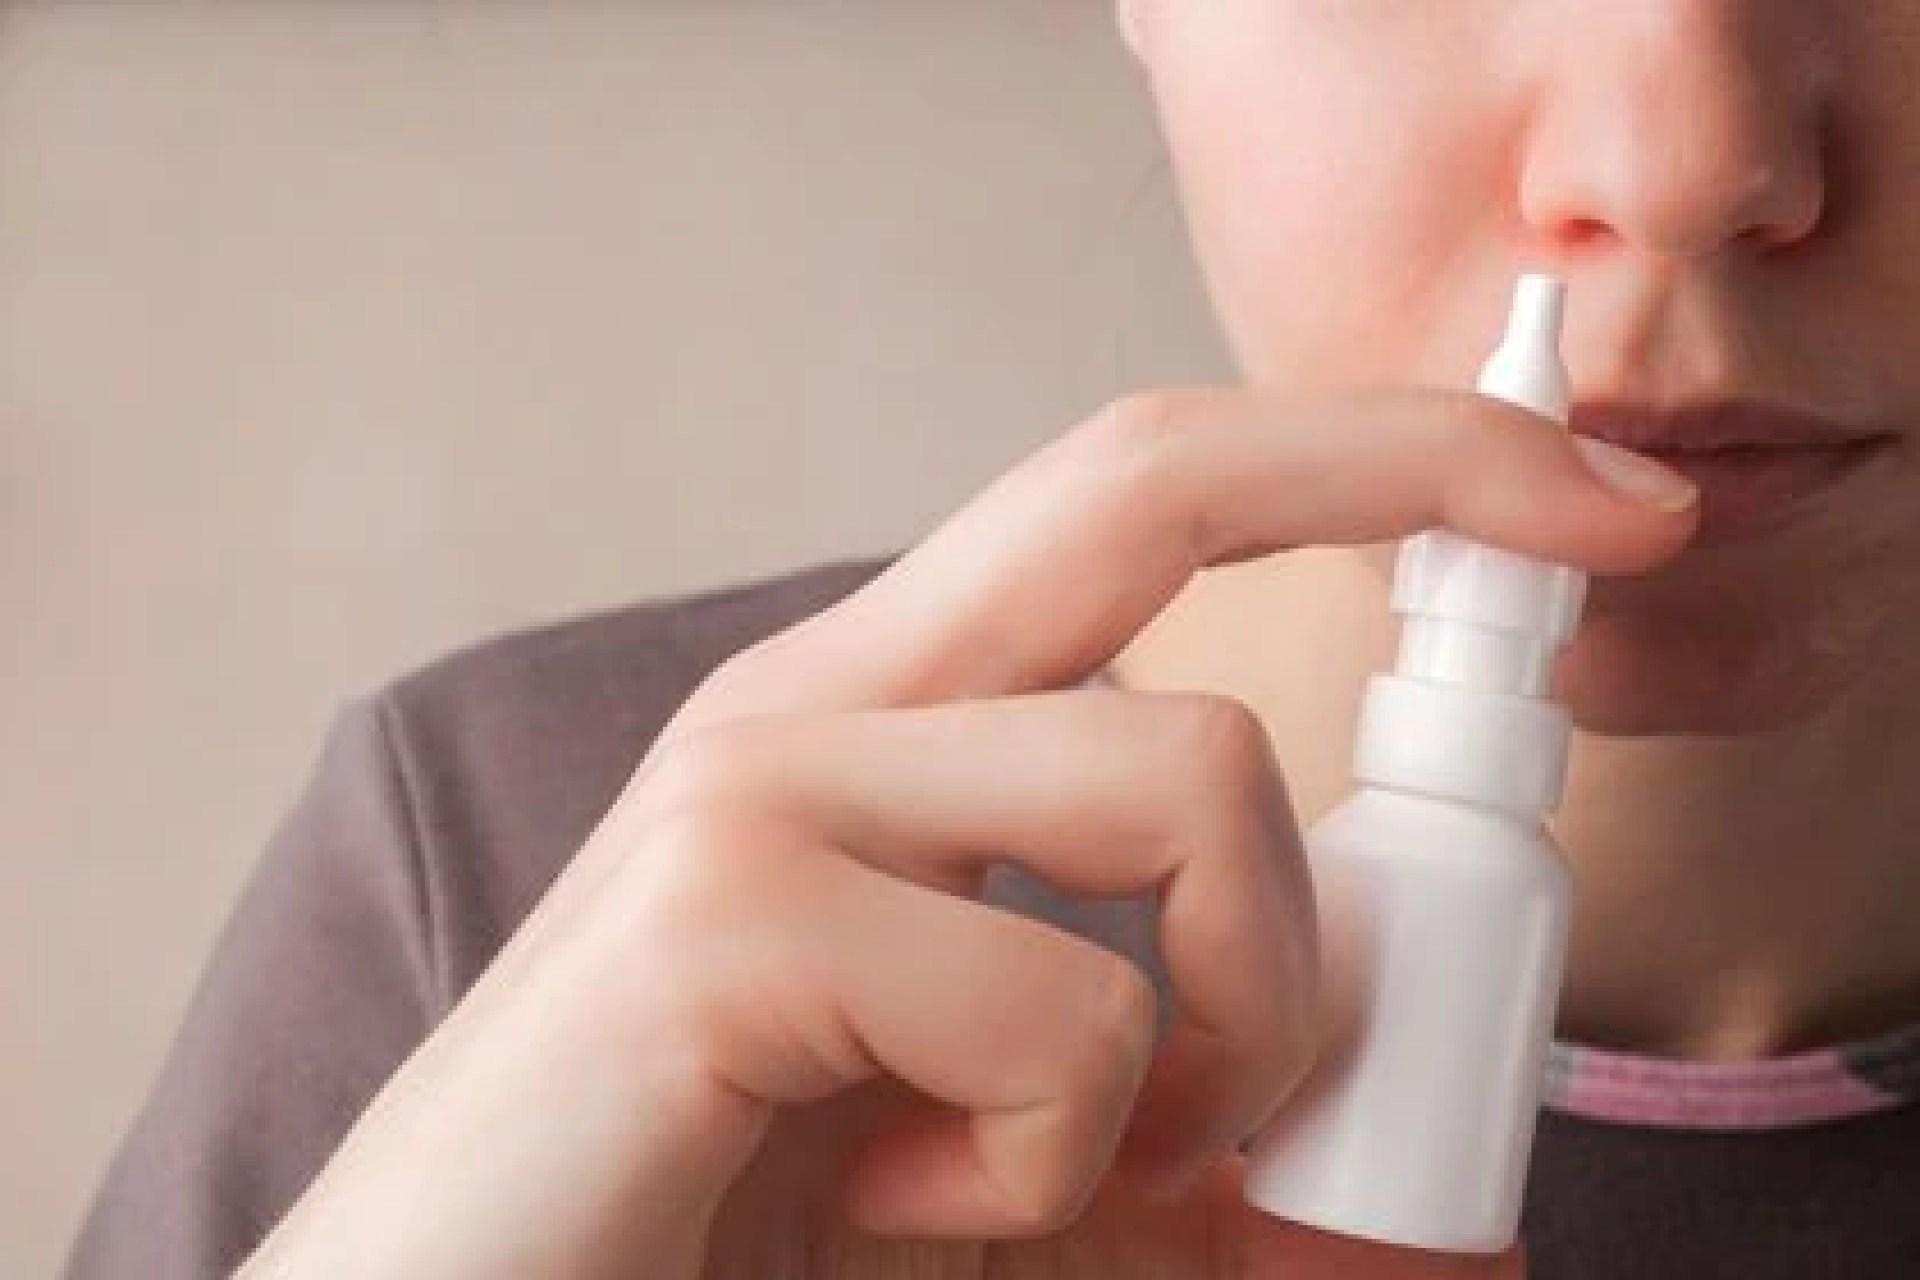 El medicamento es un inhalador de polvo nasal innovador que crea una capa protectora de gel sobre la mucosa nasal y bloquea eficazmente que los virus infecten las células nasales(Shutterstock)